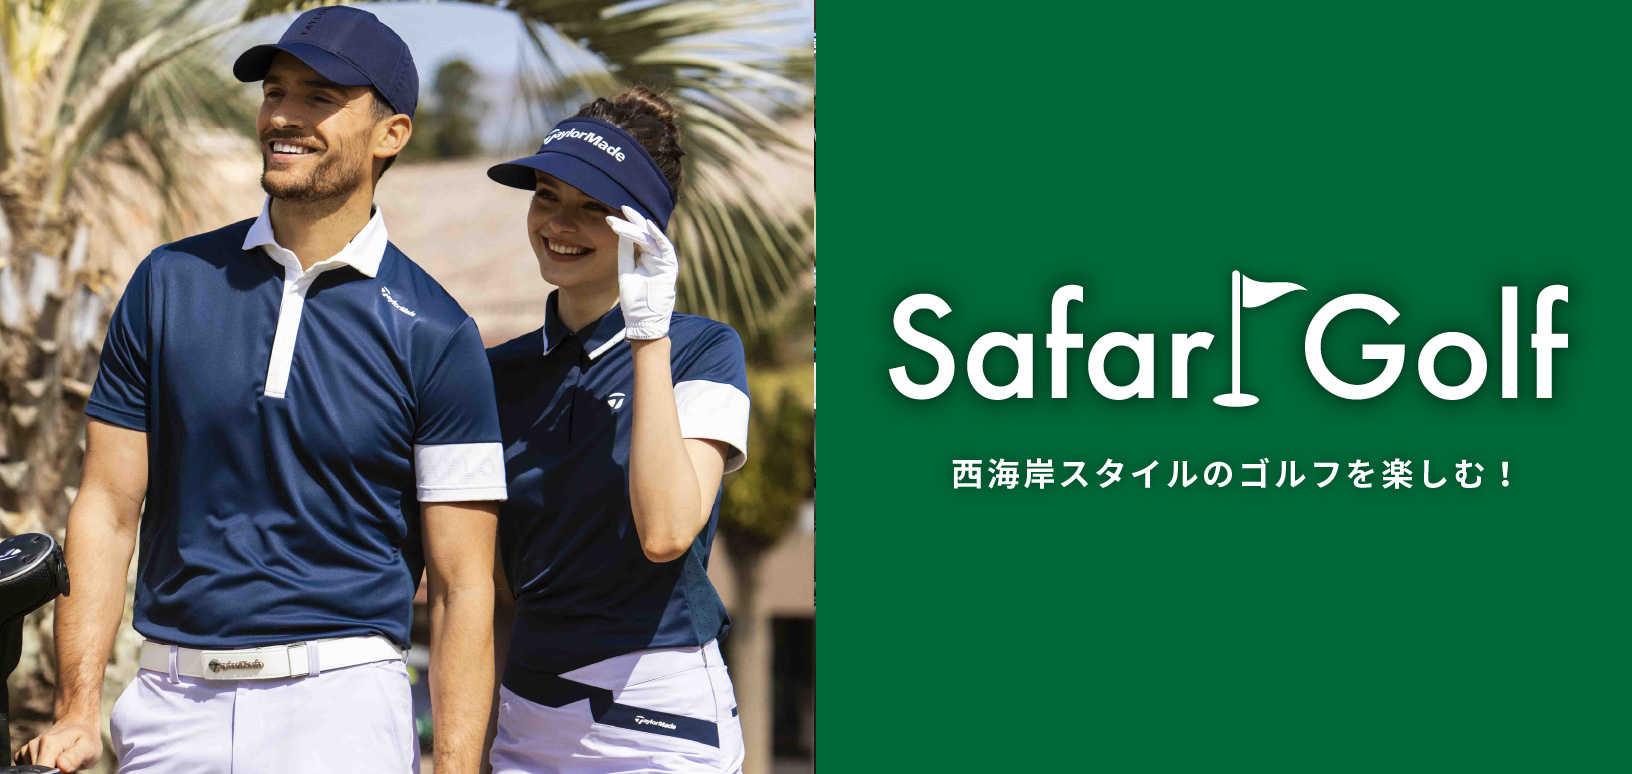 Safari Golf